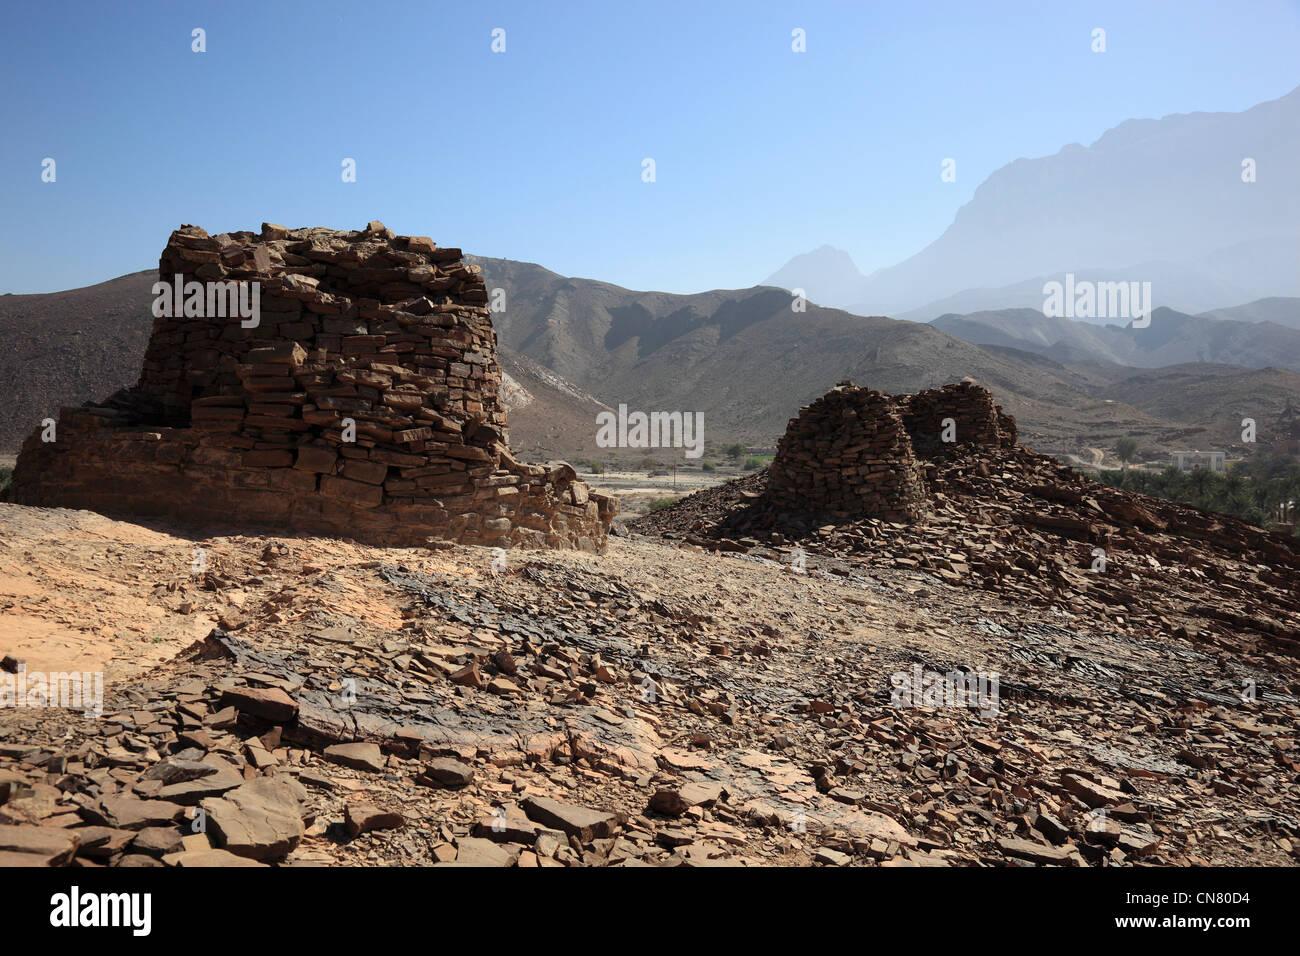 Die Bienenkorbgräber von Al-Ayn sind wegen ihres guten Erhaltungszustandes und der Lage am Rande des Jebel - Stock Image